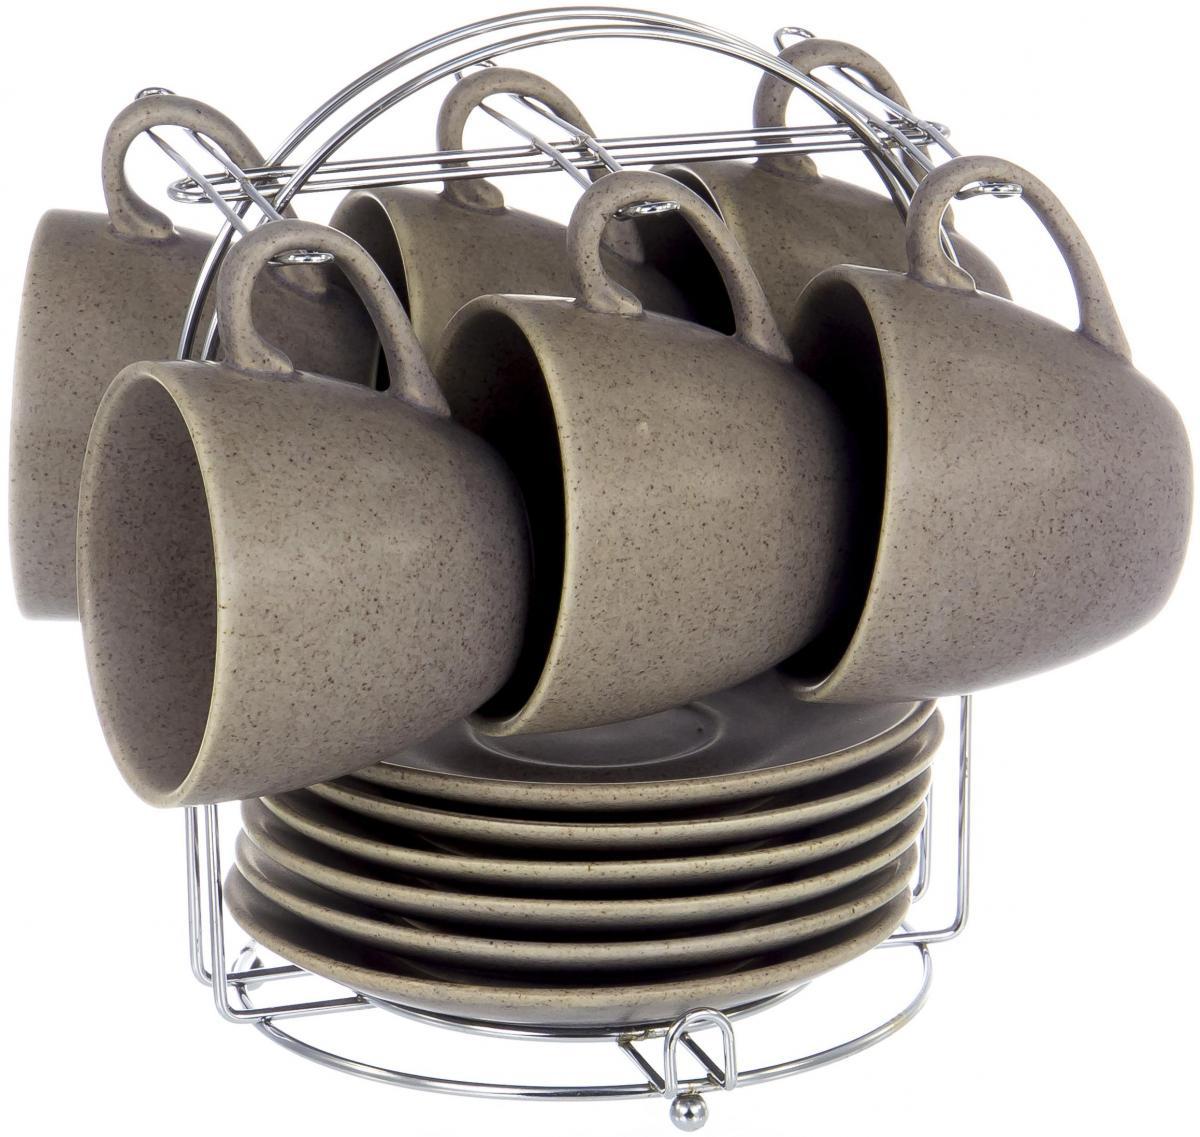 Набор чайный Elrington Крошка, 13 предметов. FJH-10395T-A203FJH-10395T-A203Чайный набор Крошка на шесть персон включает в себя шесть чашек 220 мл, шесть блюдец и металлическую подставку, которая позволит сэкономить место на кухне. Посуда выполнена из керамики и покрыта глазурью цвета мокко. Стильный набор для повседневного использования и семейных посиделок.